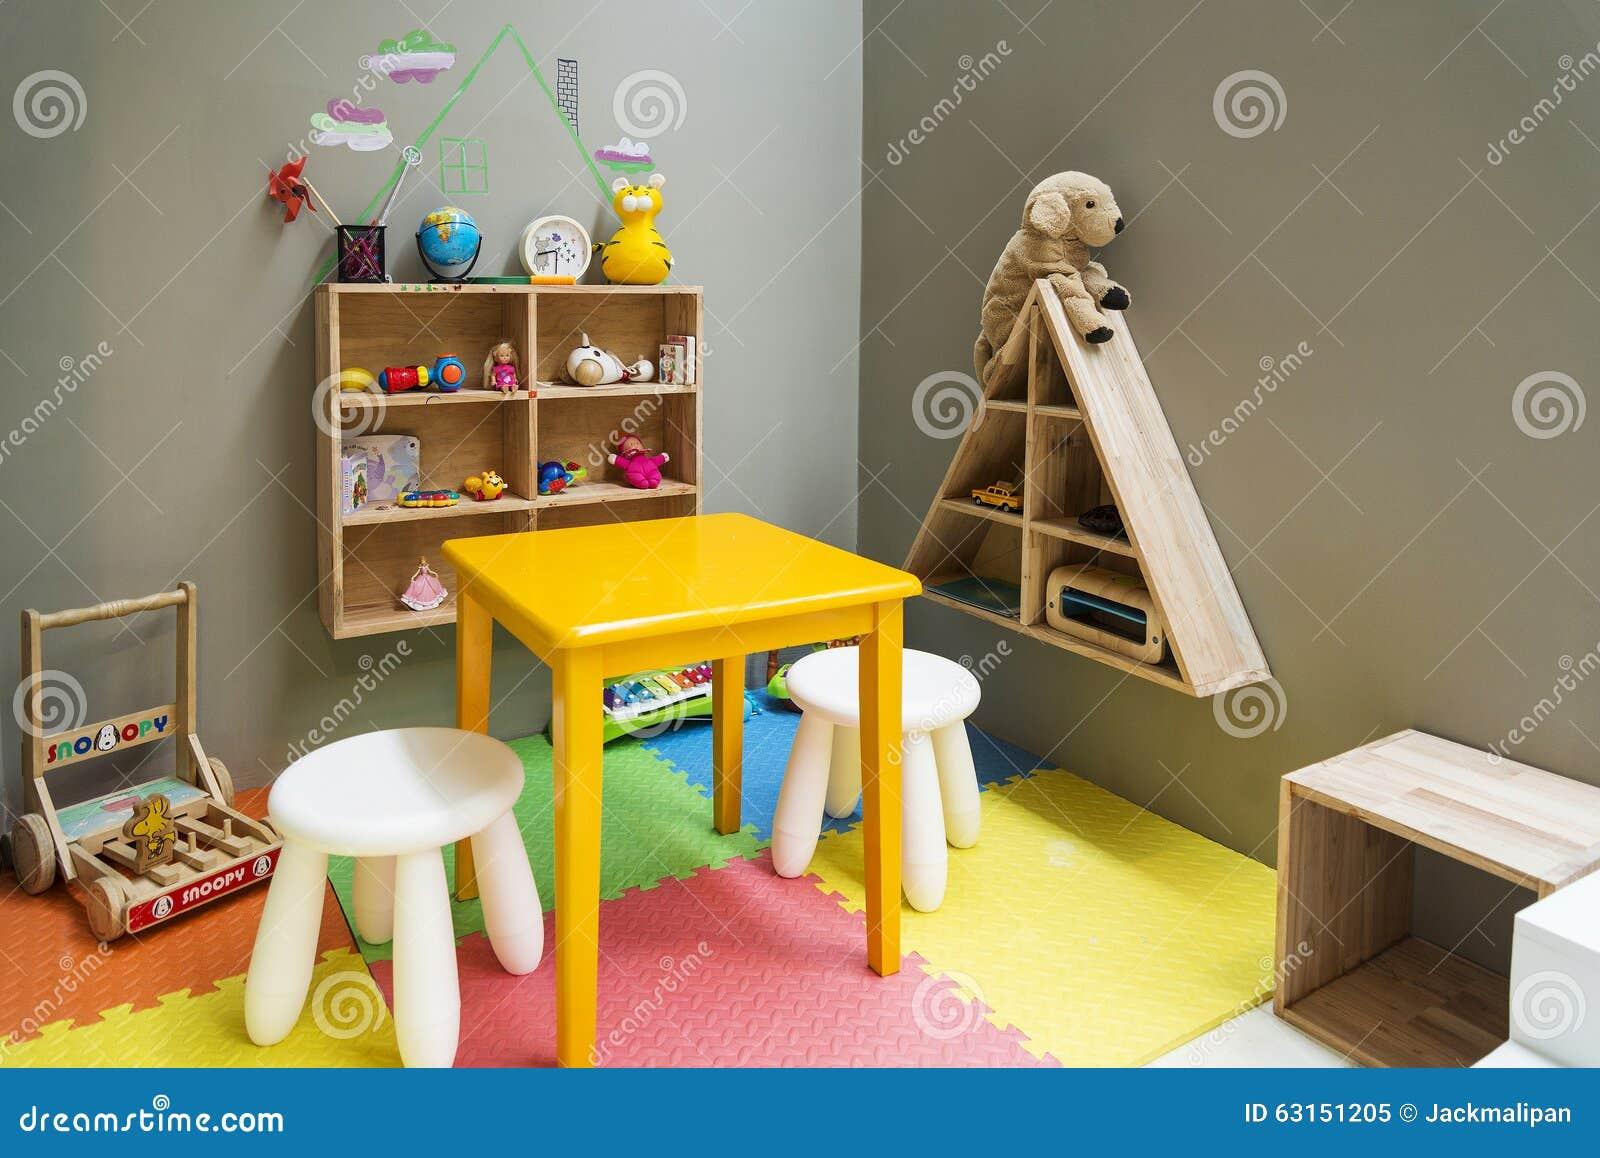 Rea De Juego De Ni Os Con Los Juguetes Y Los Muebles Imagen  # Muebles Juguetes Ninos